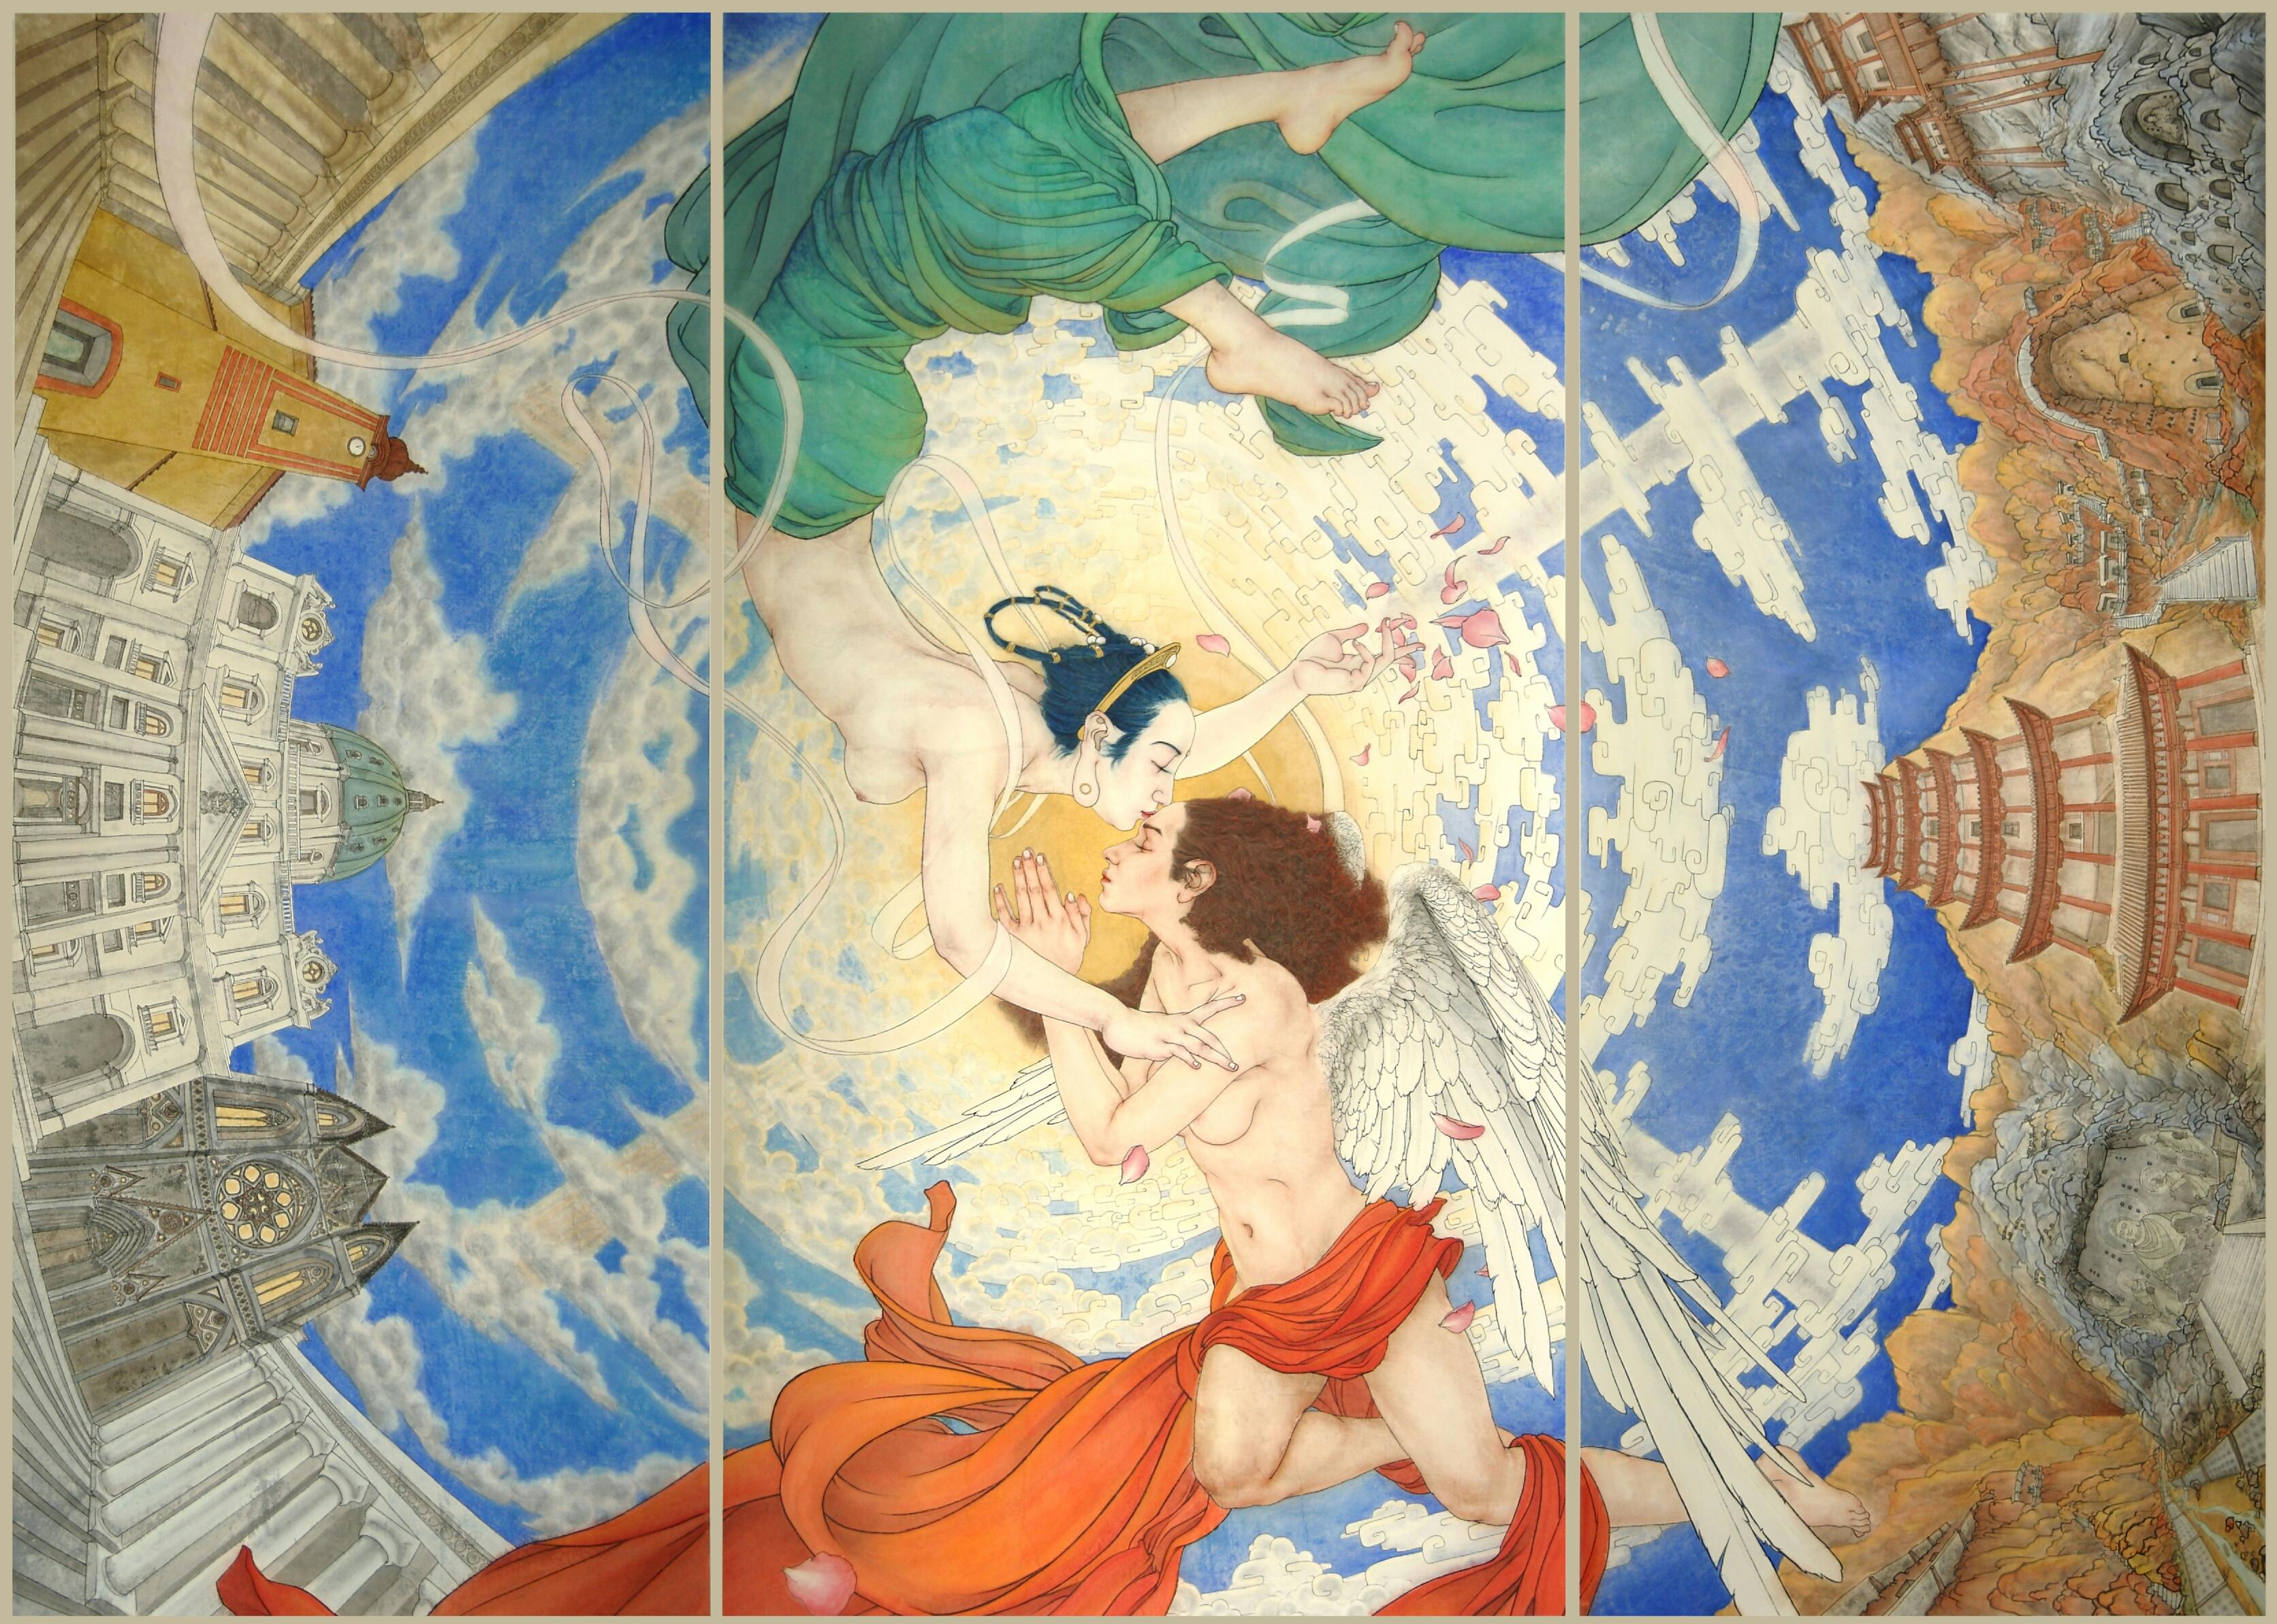 Wieslaw Borkowski, 'Dialogue between Apsara and Angel'